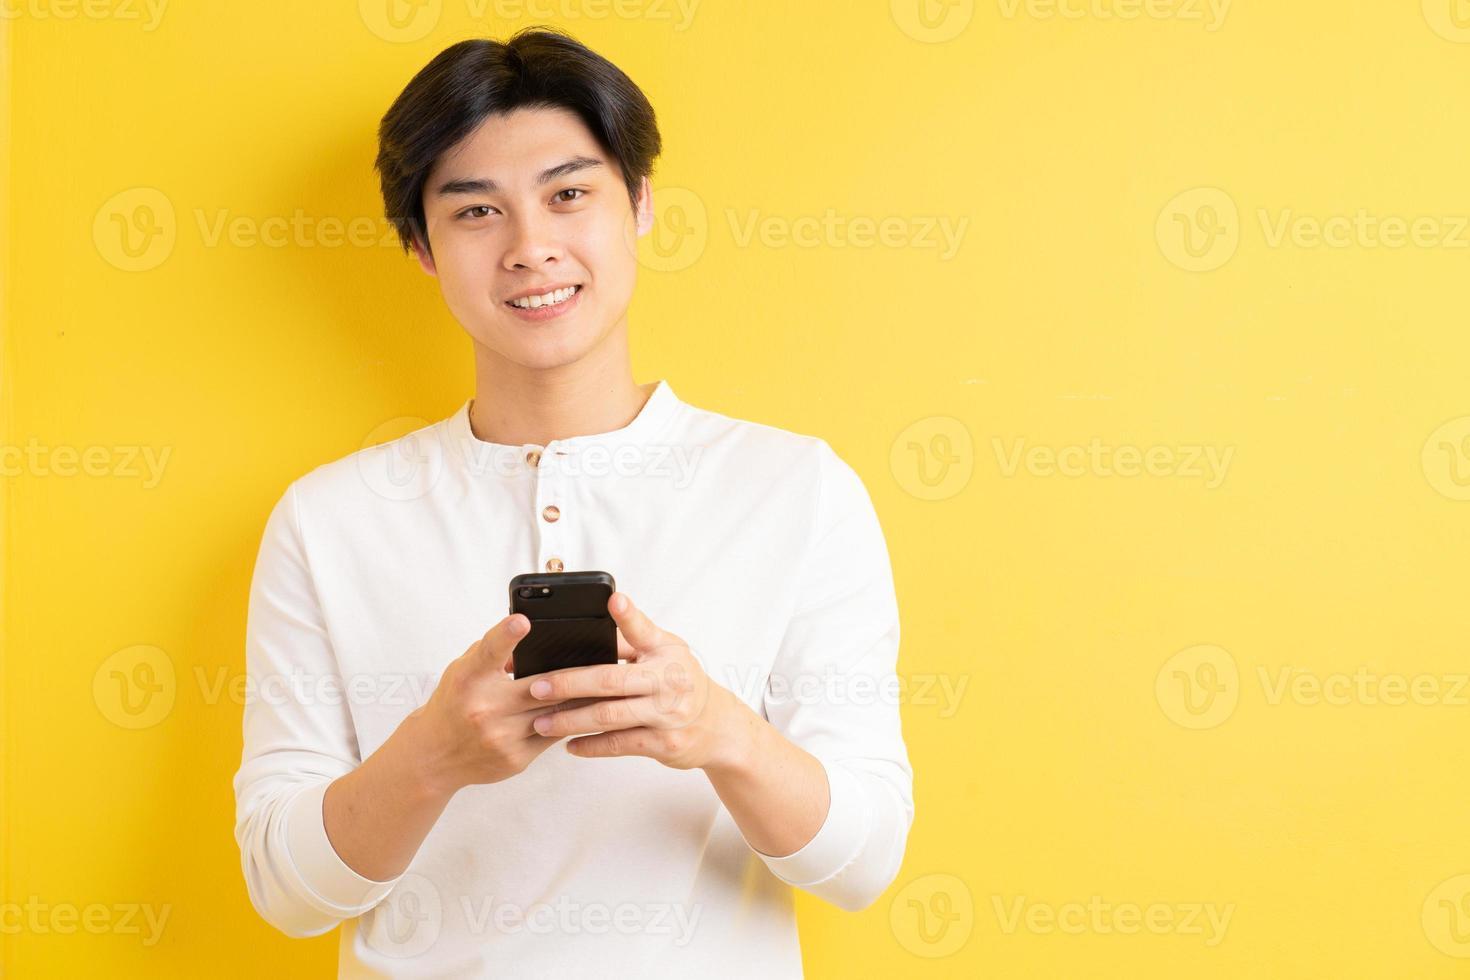 homme asiatique utilisant son téléphone pour envoyer un SMS sur fond jaune photo